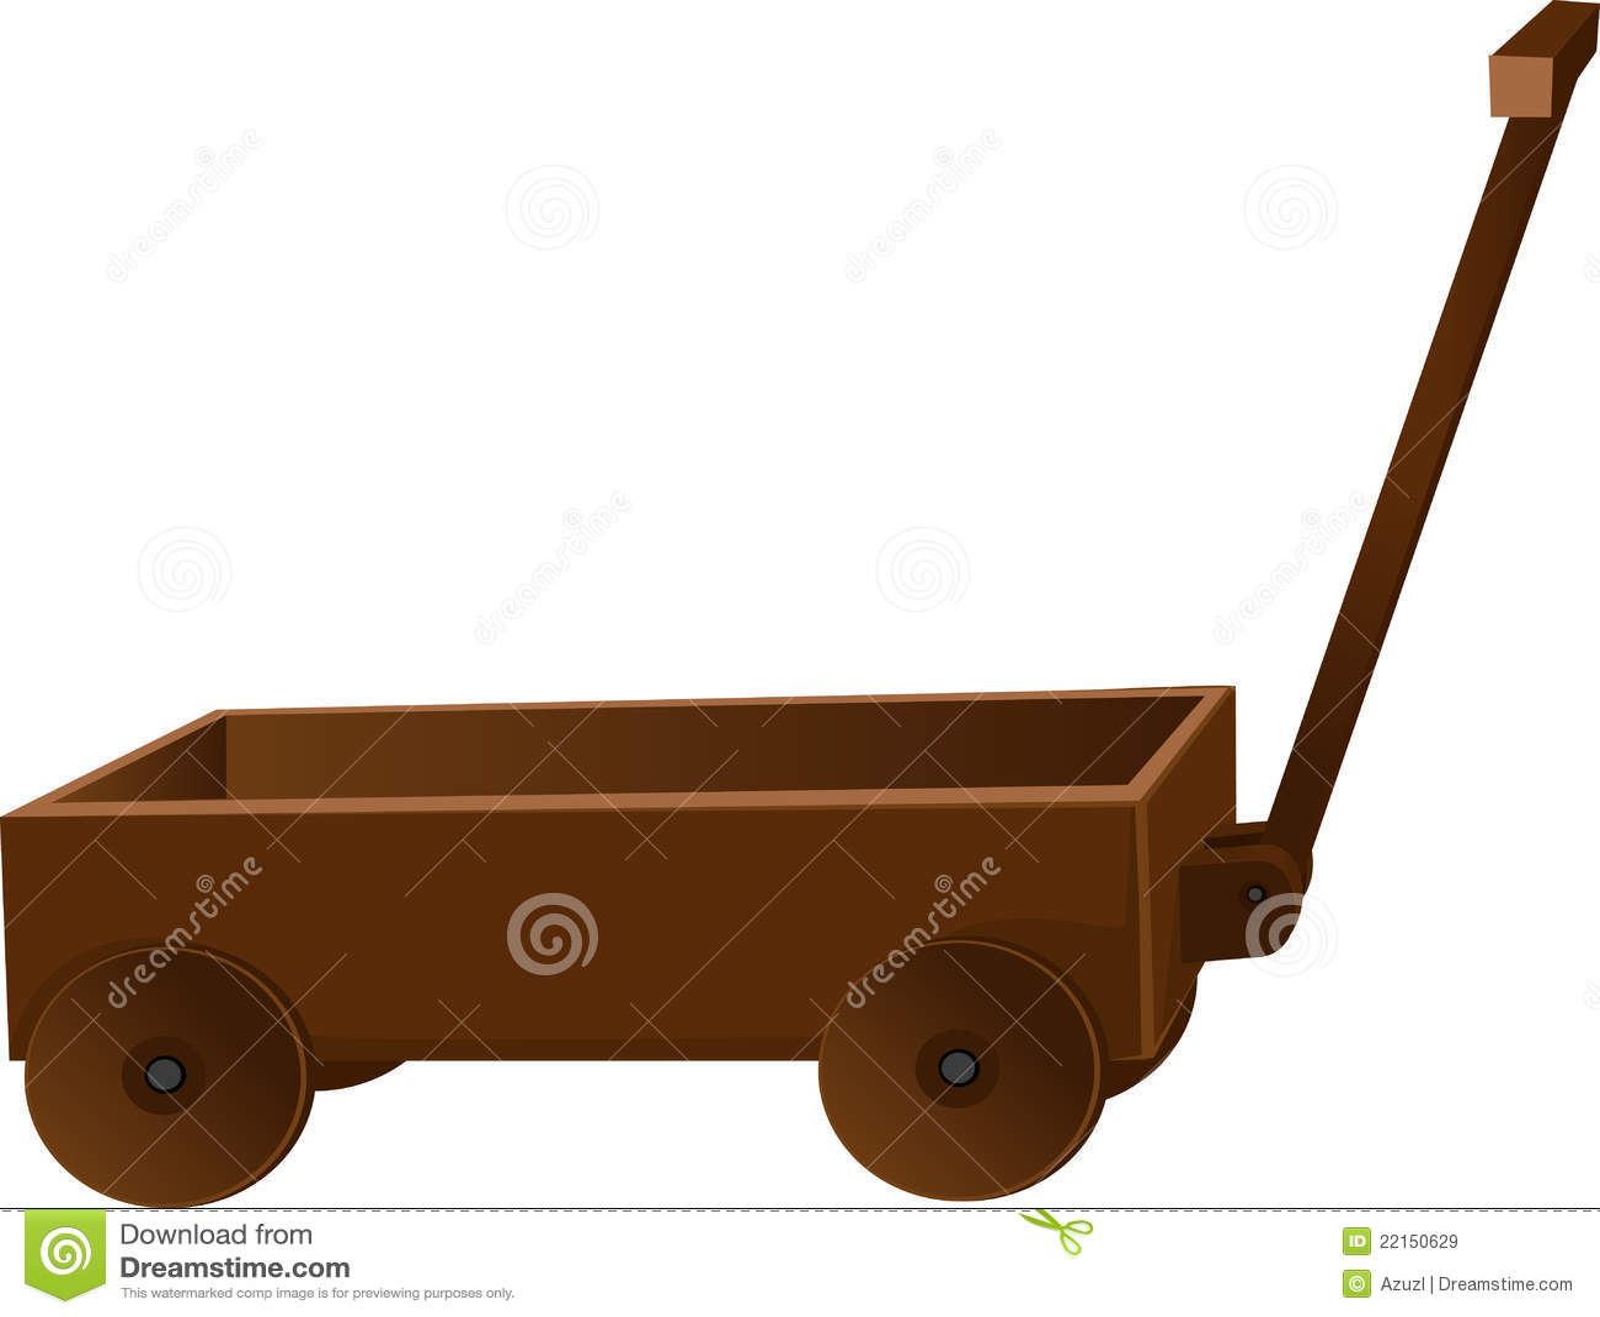 Carro De Madera Clasico Para Los Juguetes Stock De Ilustracion